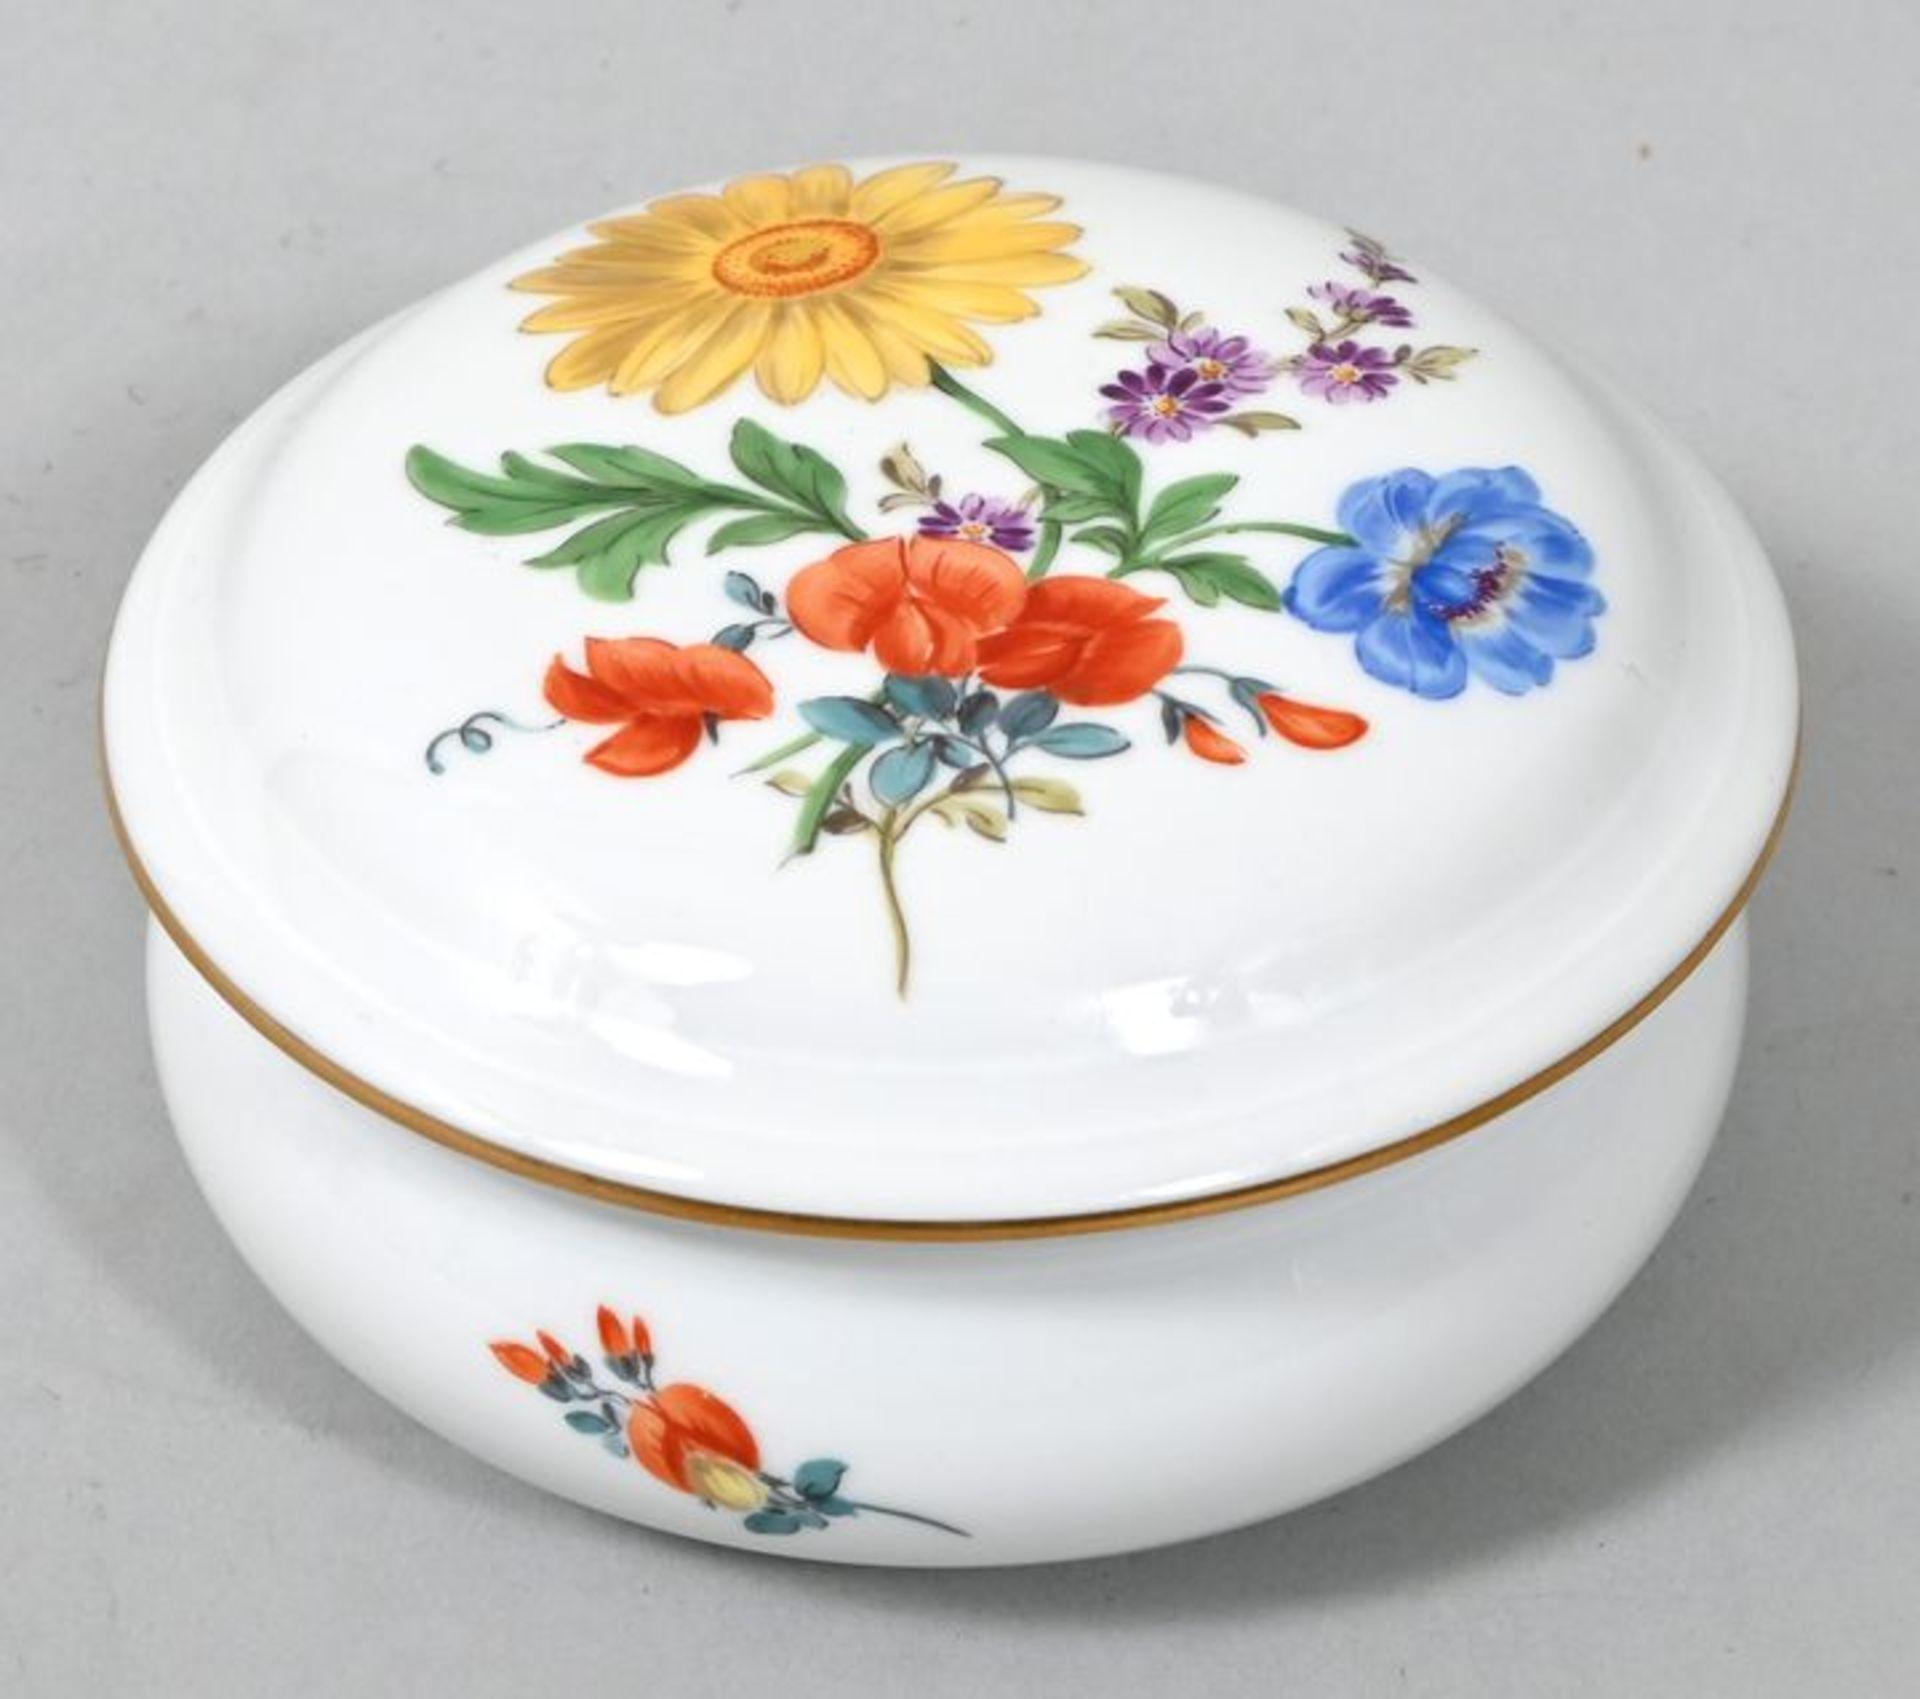 Dose, Meissen, 2. H. 20. Jh.Porzellan, runde Form mit gebauchter Wandung, bunte Blumenmalerei